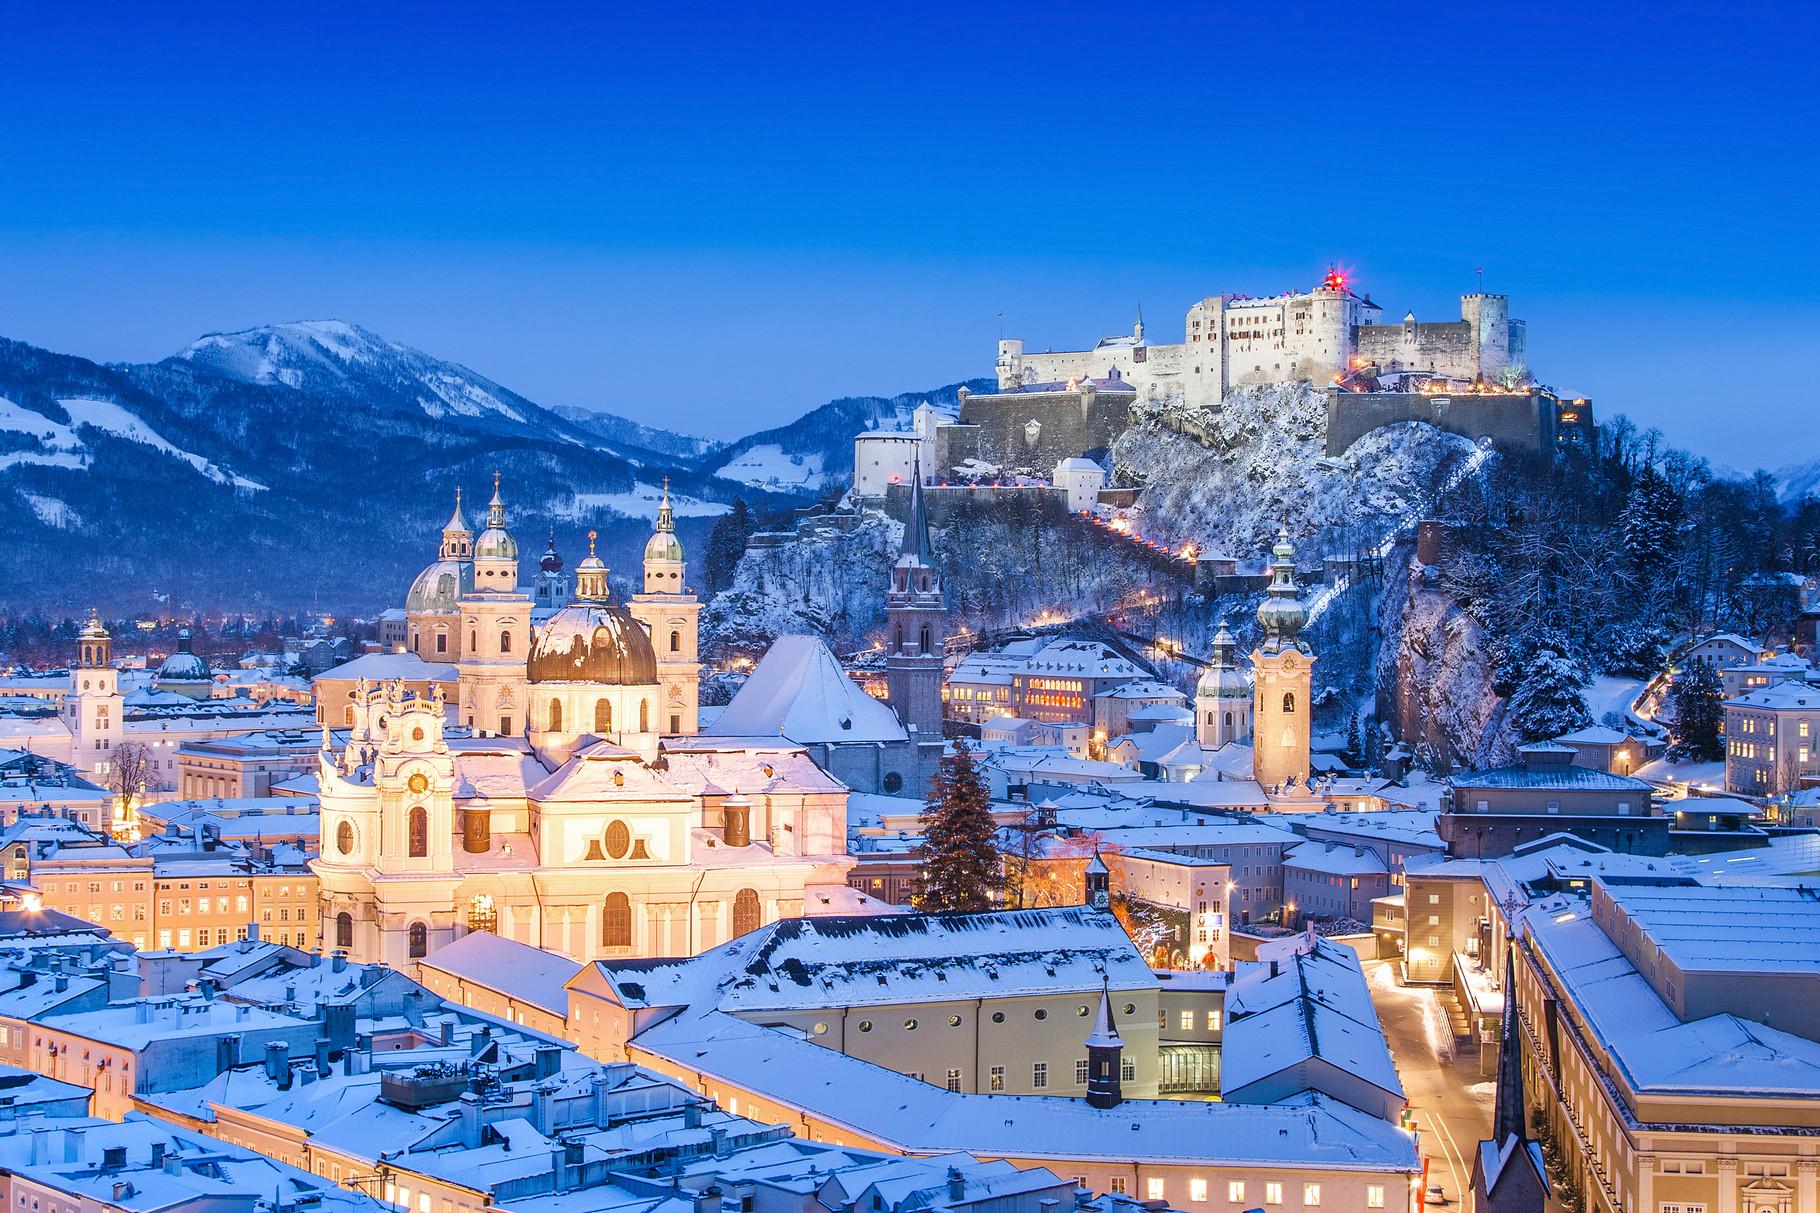 Salzburg (40min entfernt)